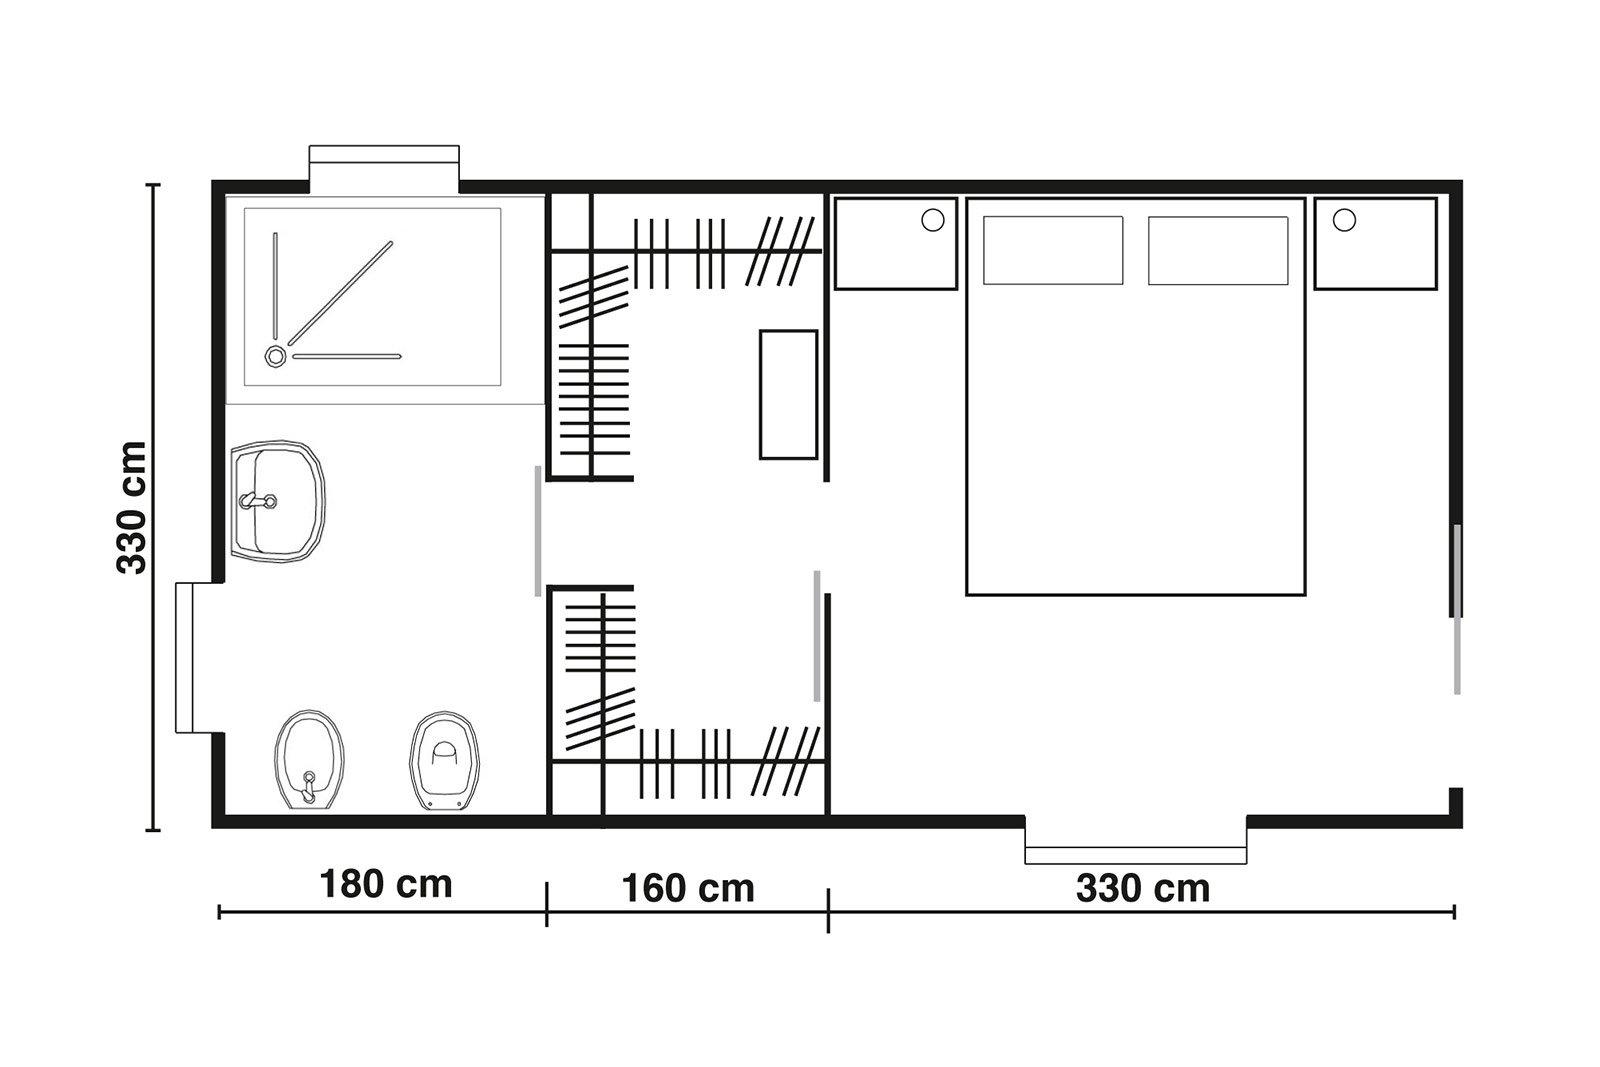 Cabine armadio progettiamo insieme lo spazio cose di casa - Planimetria camera da letto ...